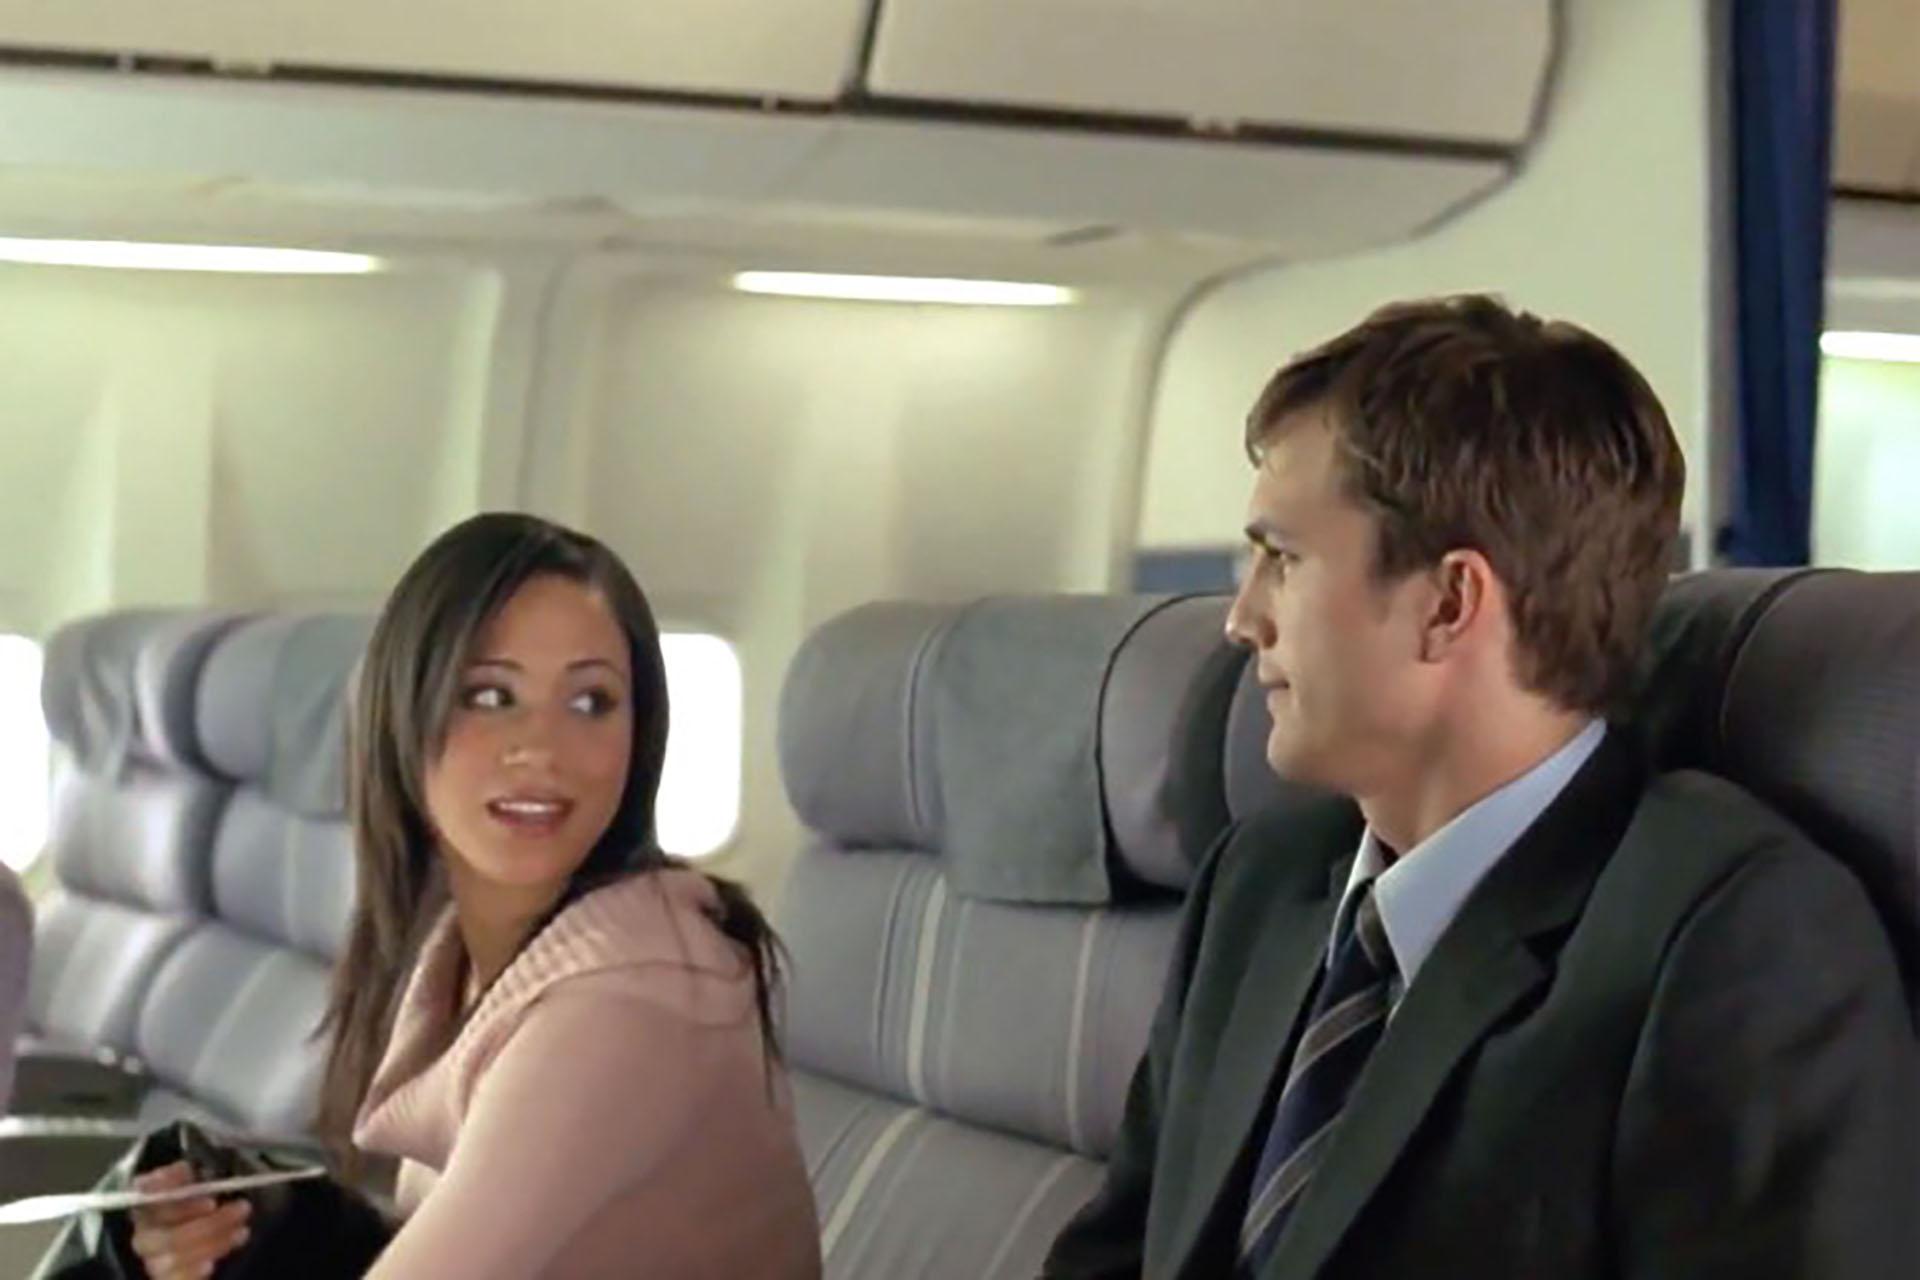 """En la comedia romántica de 2005 """"A Lot Like Love"""" compartió una escena en un avión con Ashton Kutcher, y su personaje aparece en los créditos finales como """"Hot girl"""" (Chica sexy)"""